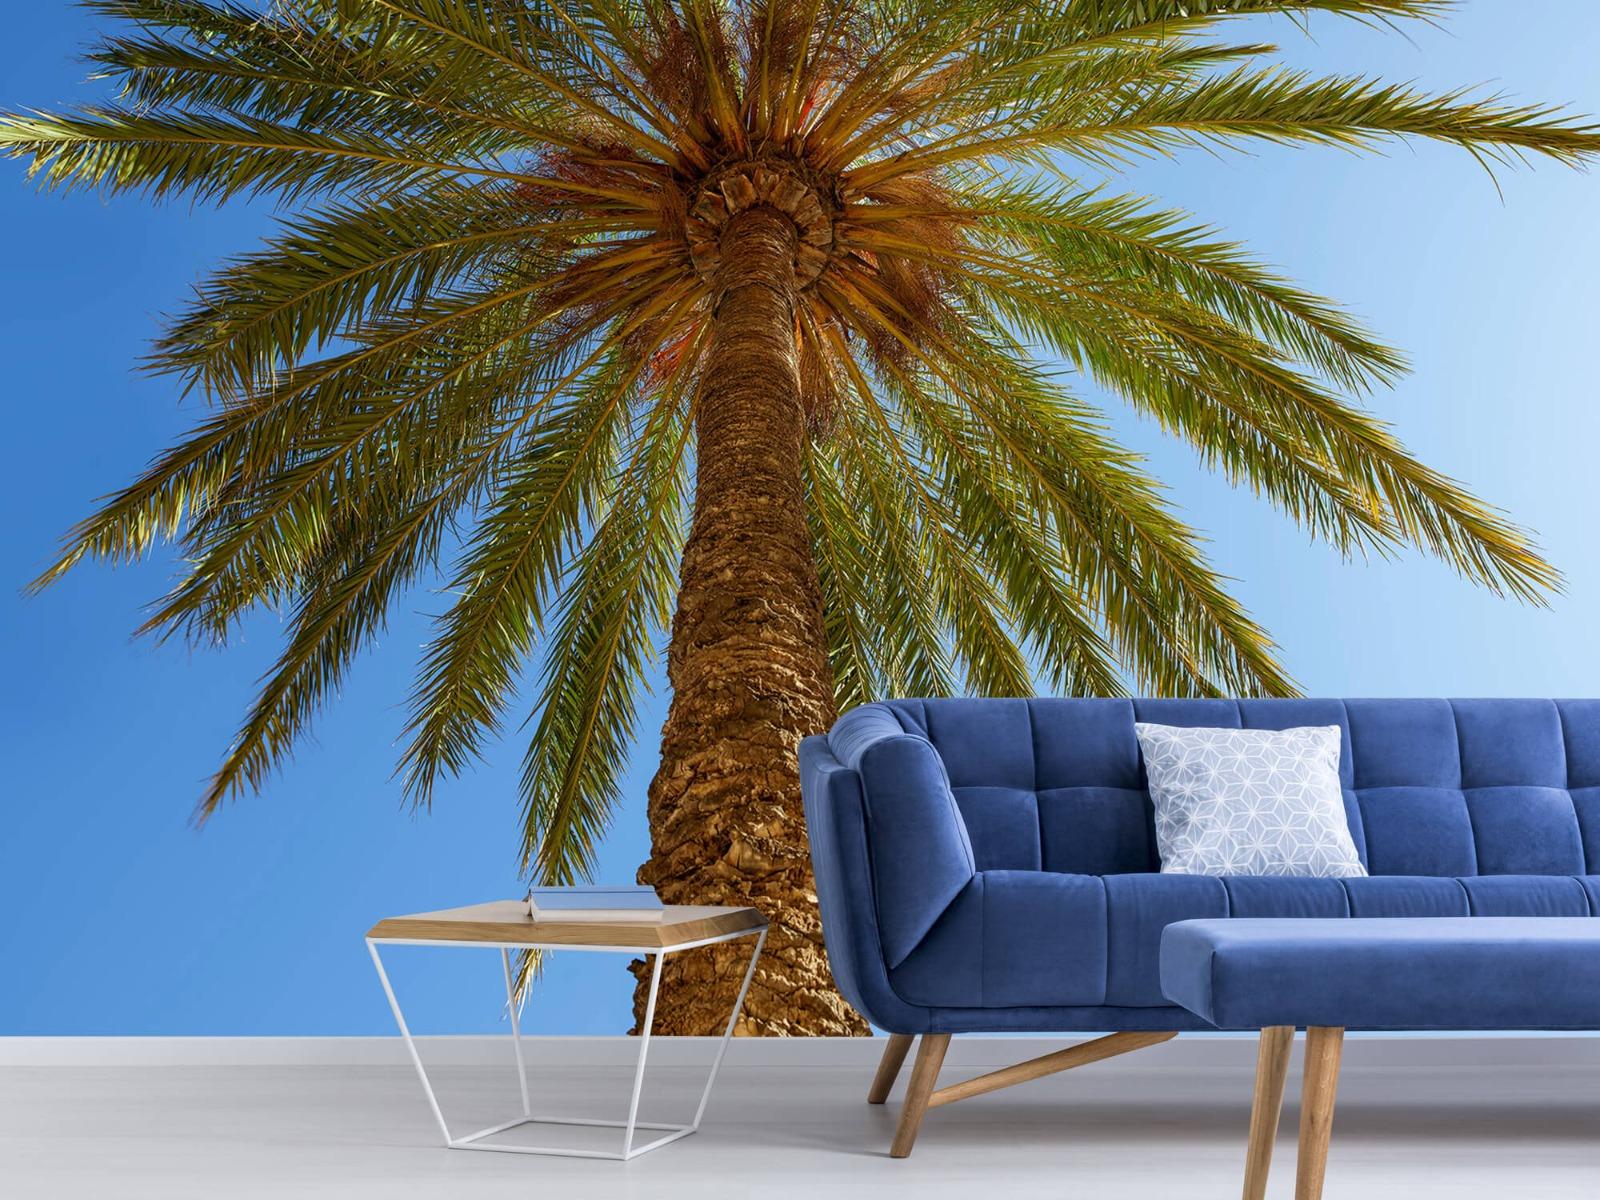 Palmbomen - Gedetailleerde Palmboom - Slaapkamer 6